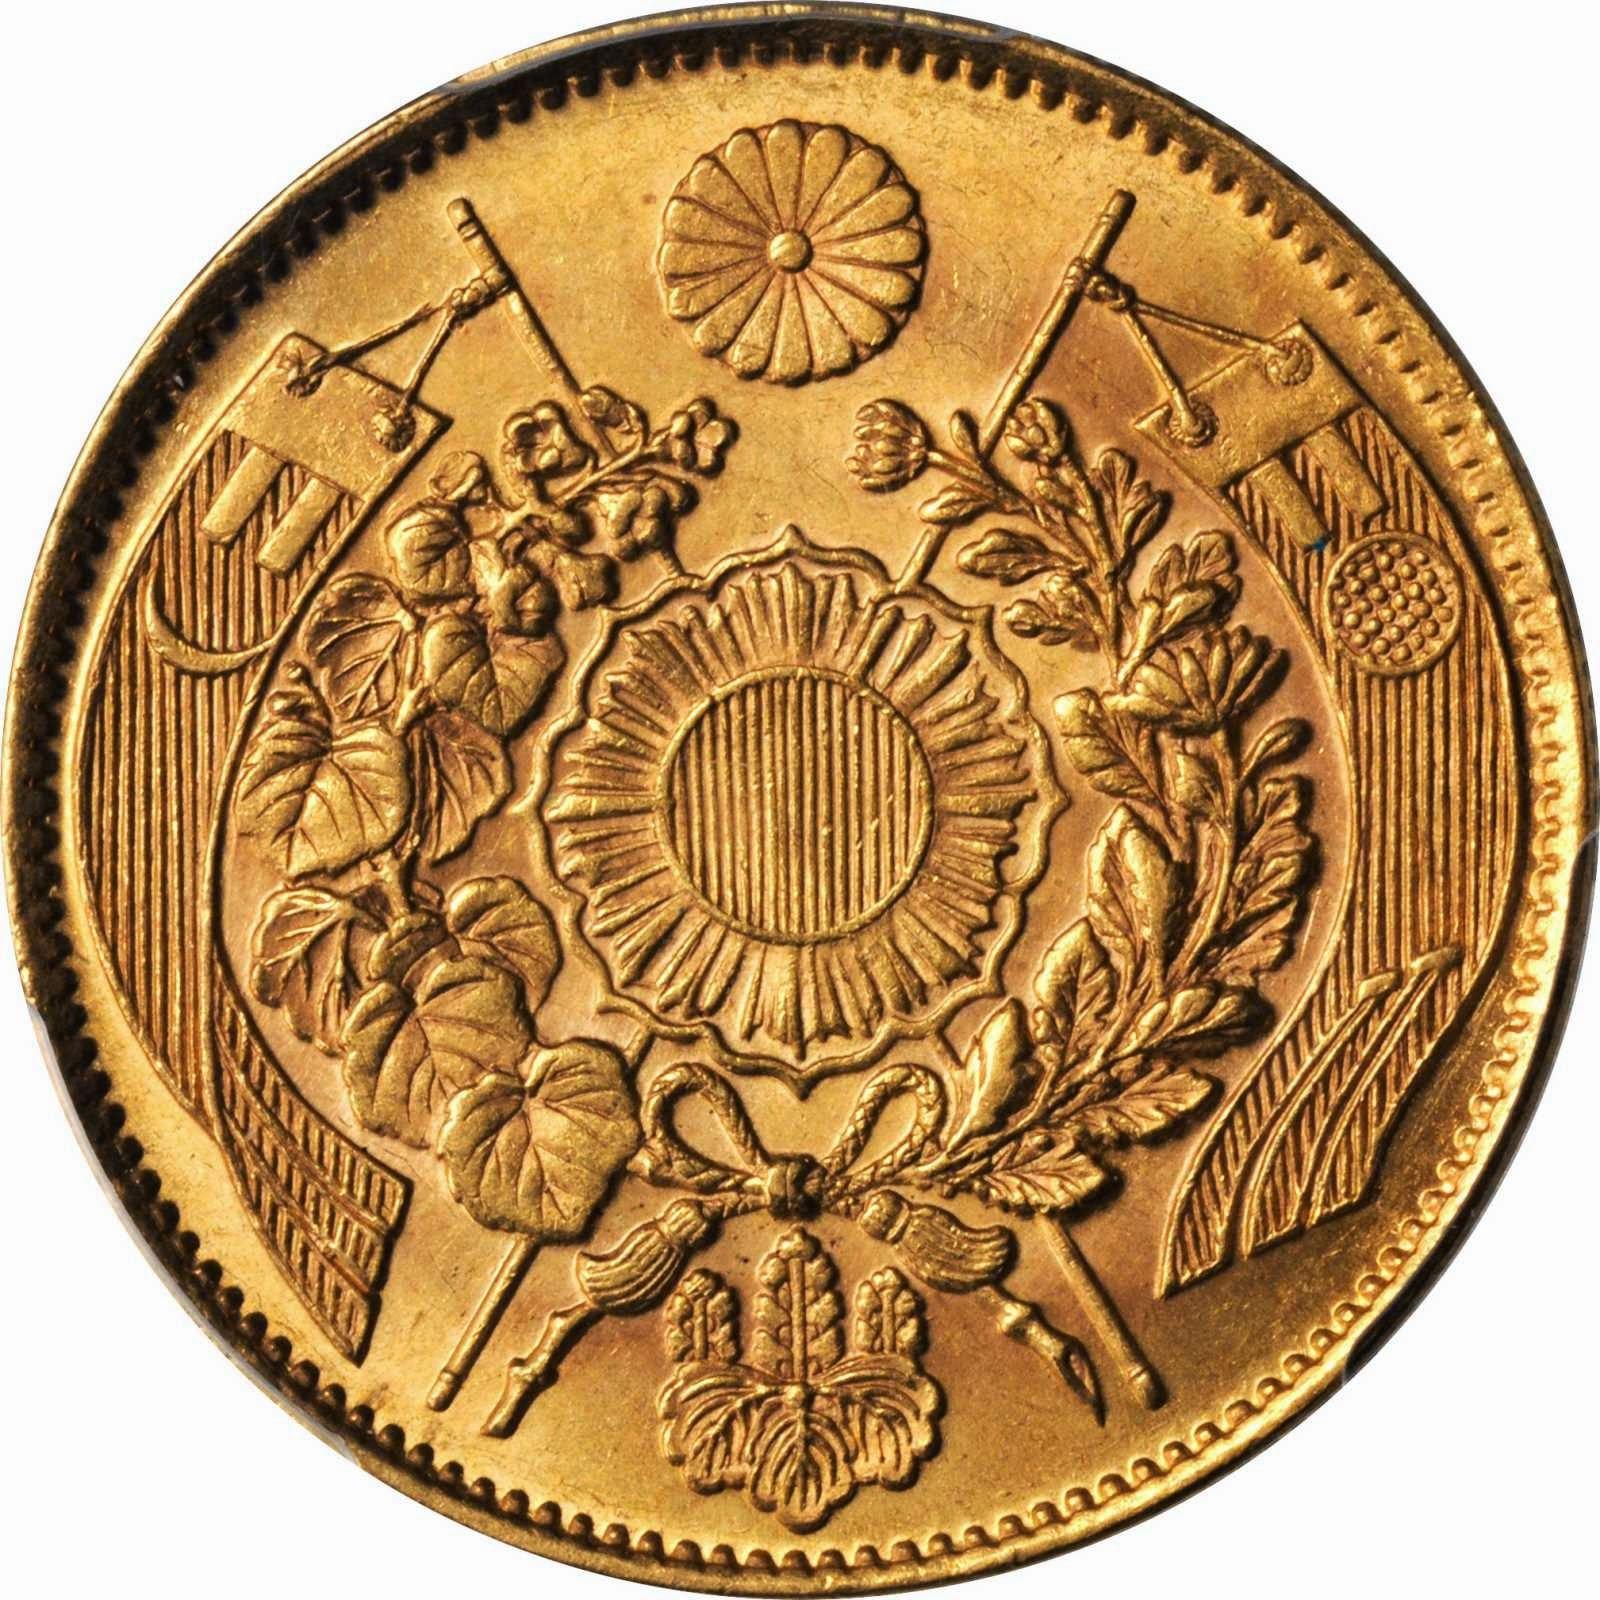 Japanese 10 Yen Gold Coin